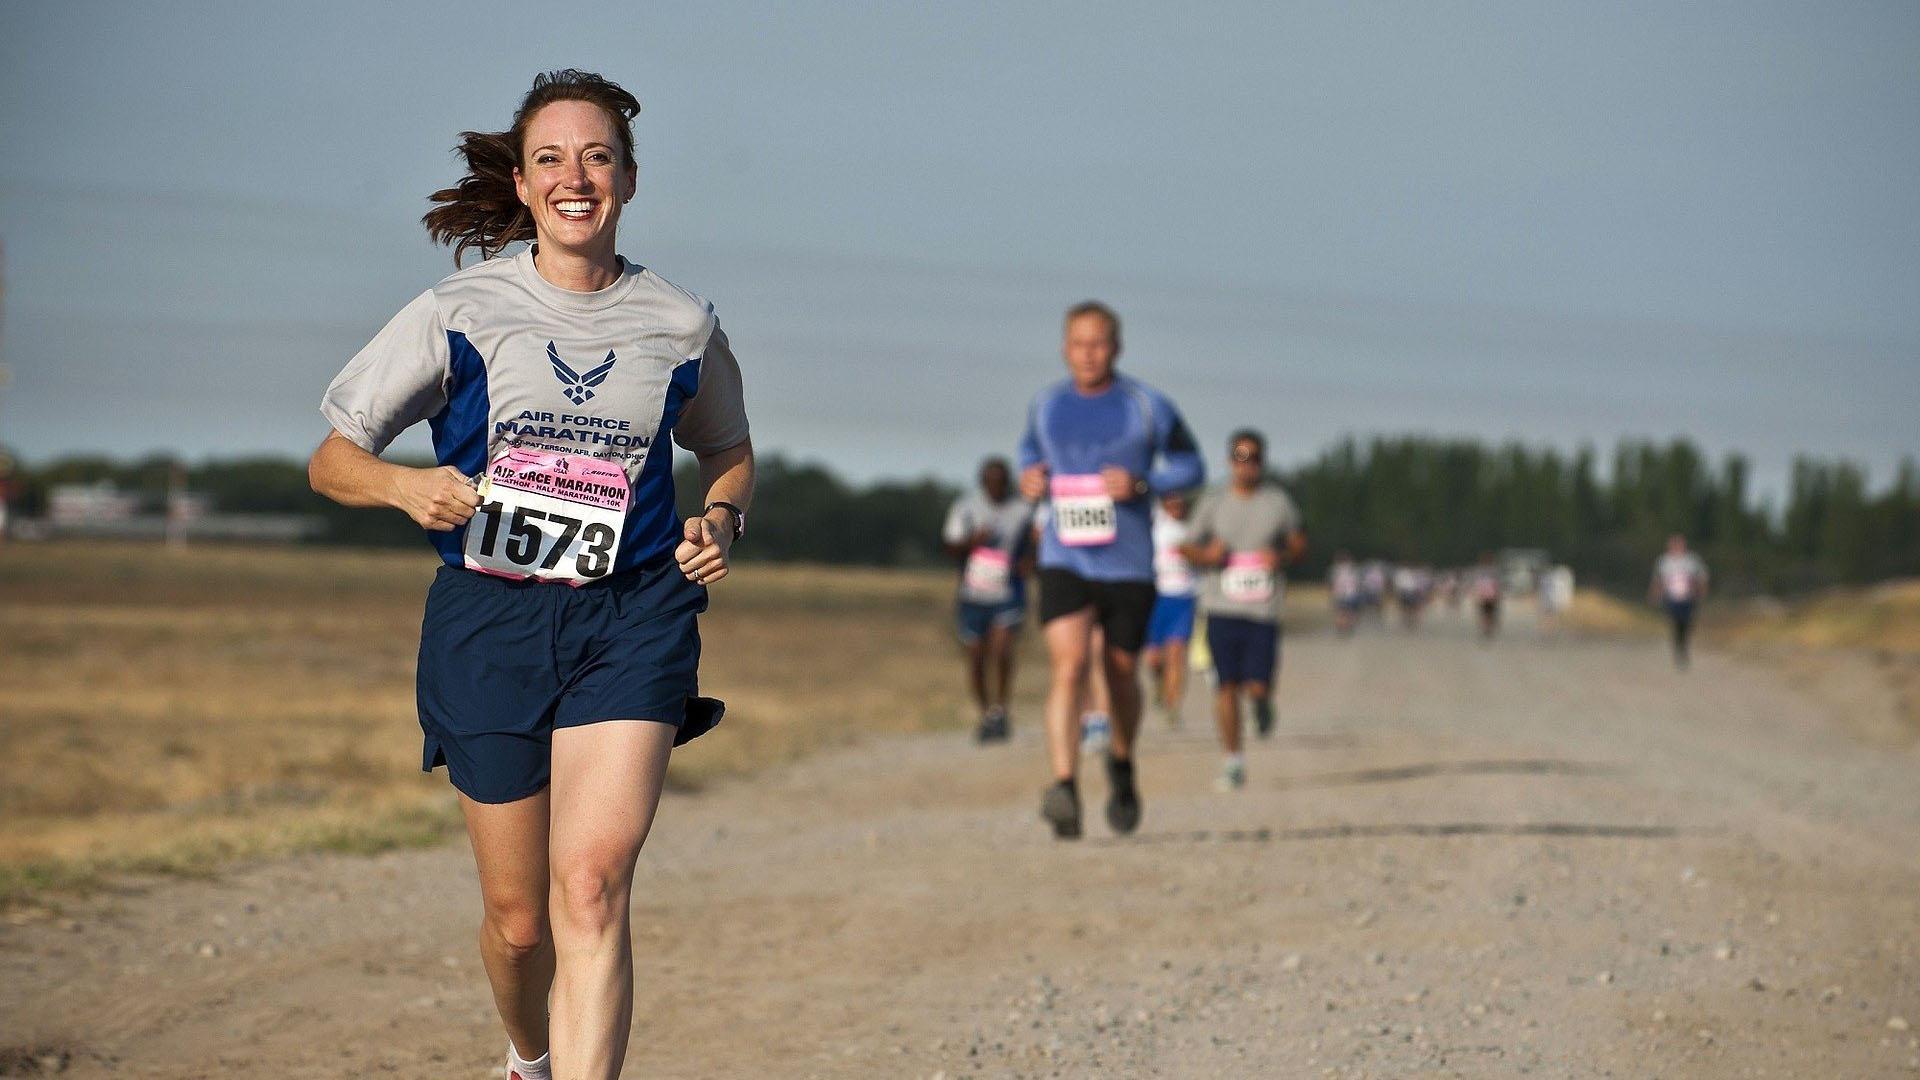 Почему женщины и мужчины бегают по-разному?